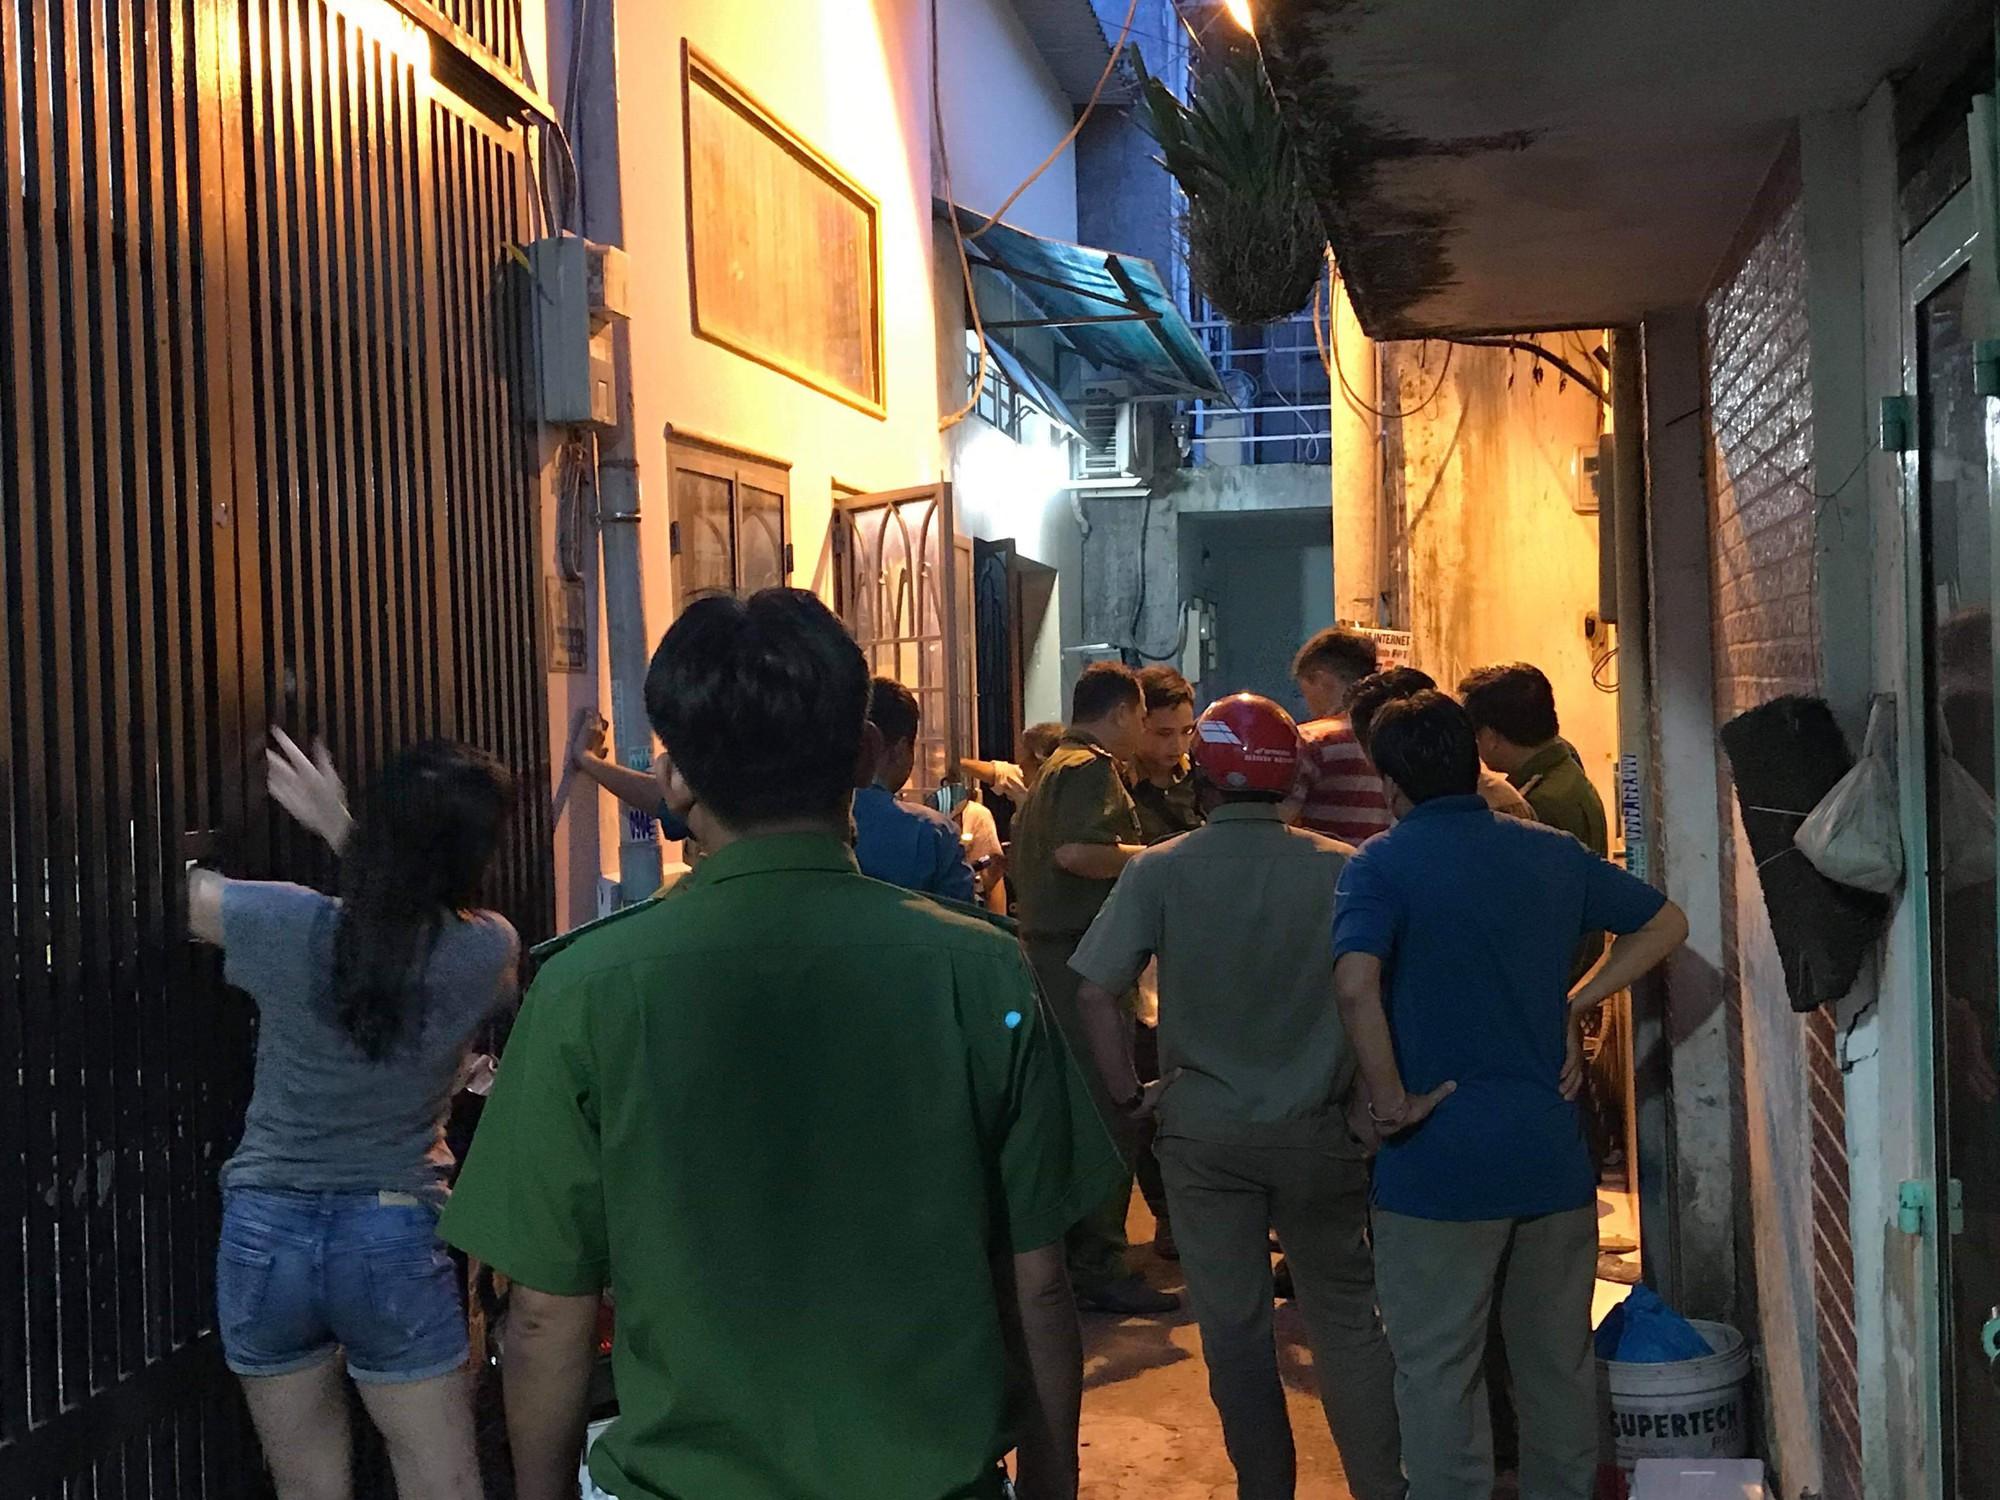 7 bà cháu hôn mê trong căn nhà ở Sài Gòn nghi do ngạt thở, 1 bé đã tử vong - Ảnh 1.